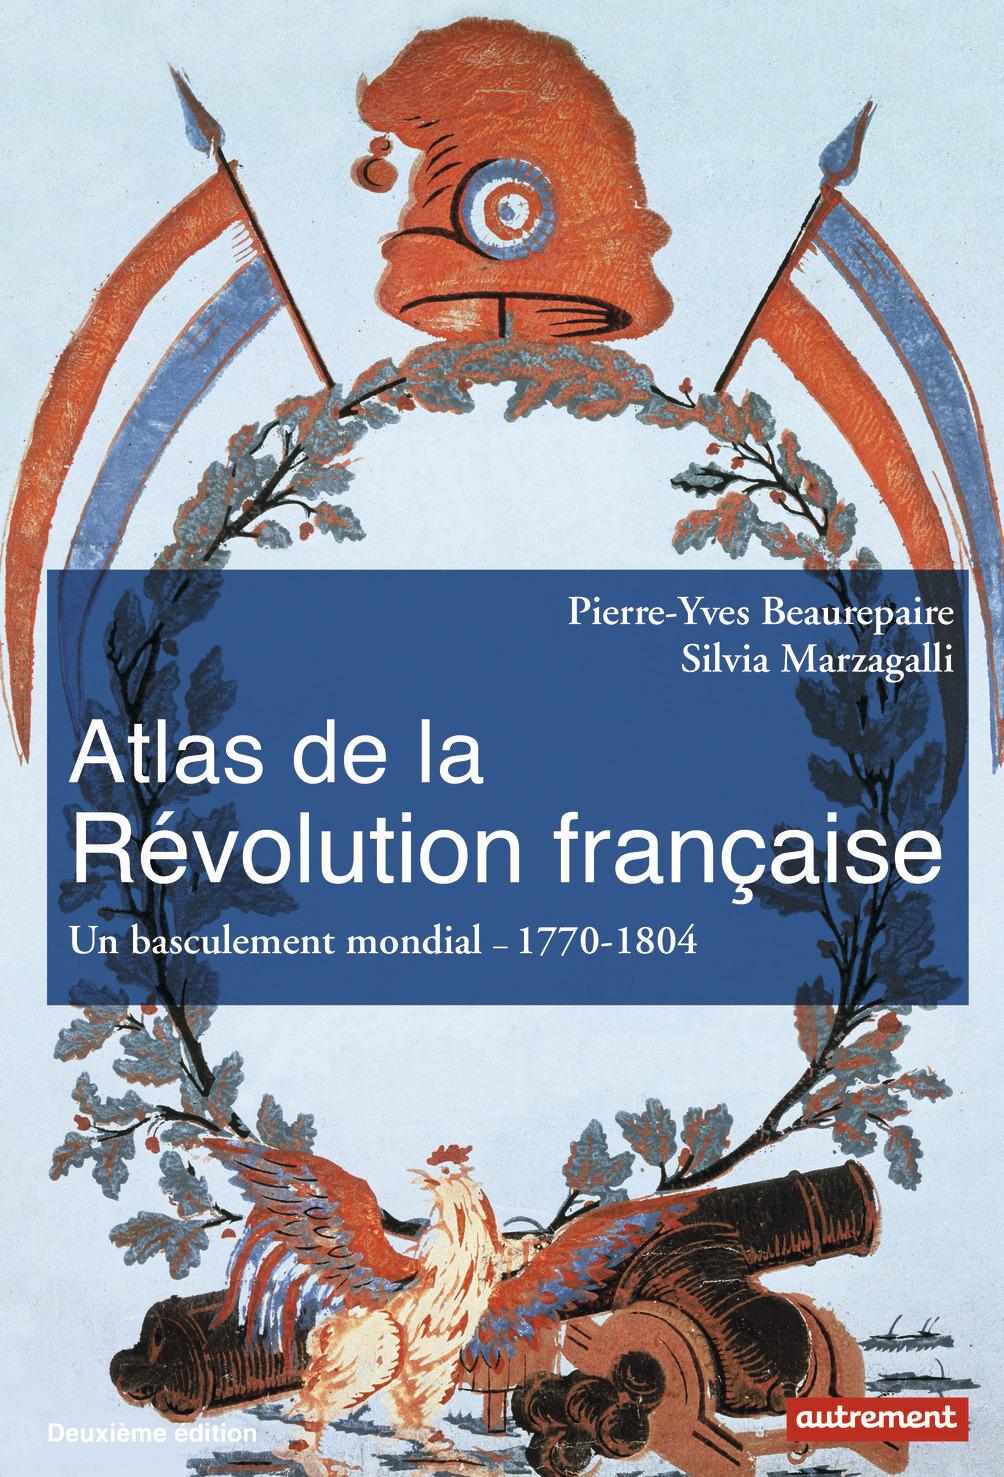 ATLAS DE LA REVOLUTION FRANCAISE - UN BASCULEMENT MONDIAL, 1770-1804 [1776-1815]